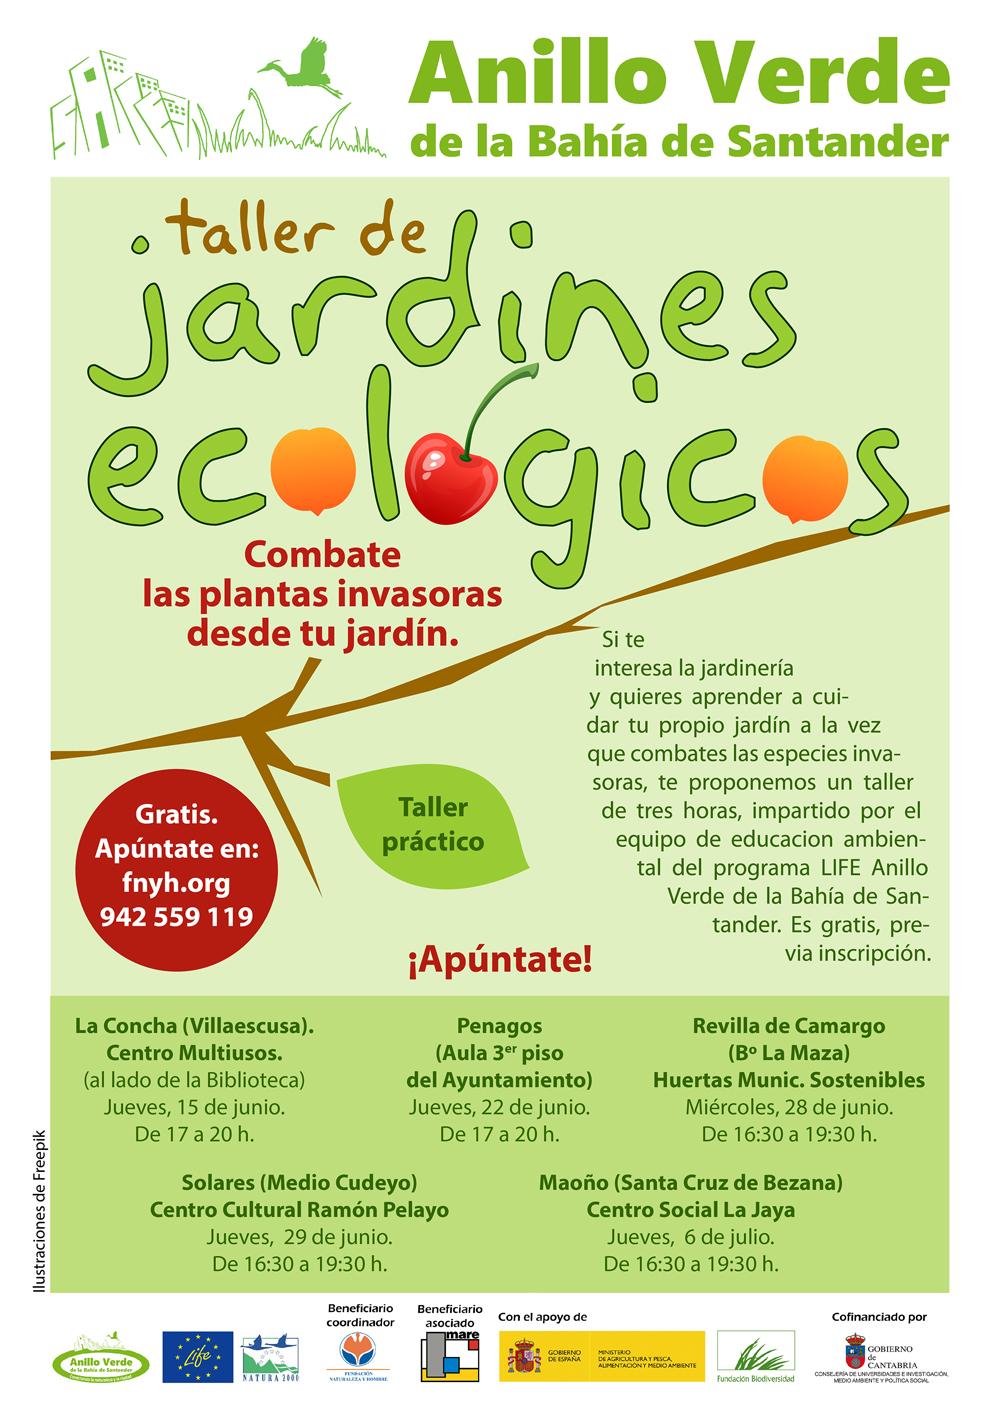 Talleres Jardines Ecológicos del Proyecto LIFE Anillo Verde de la Bahía de Santander